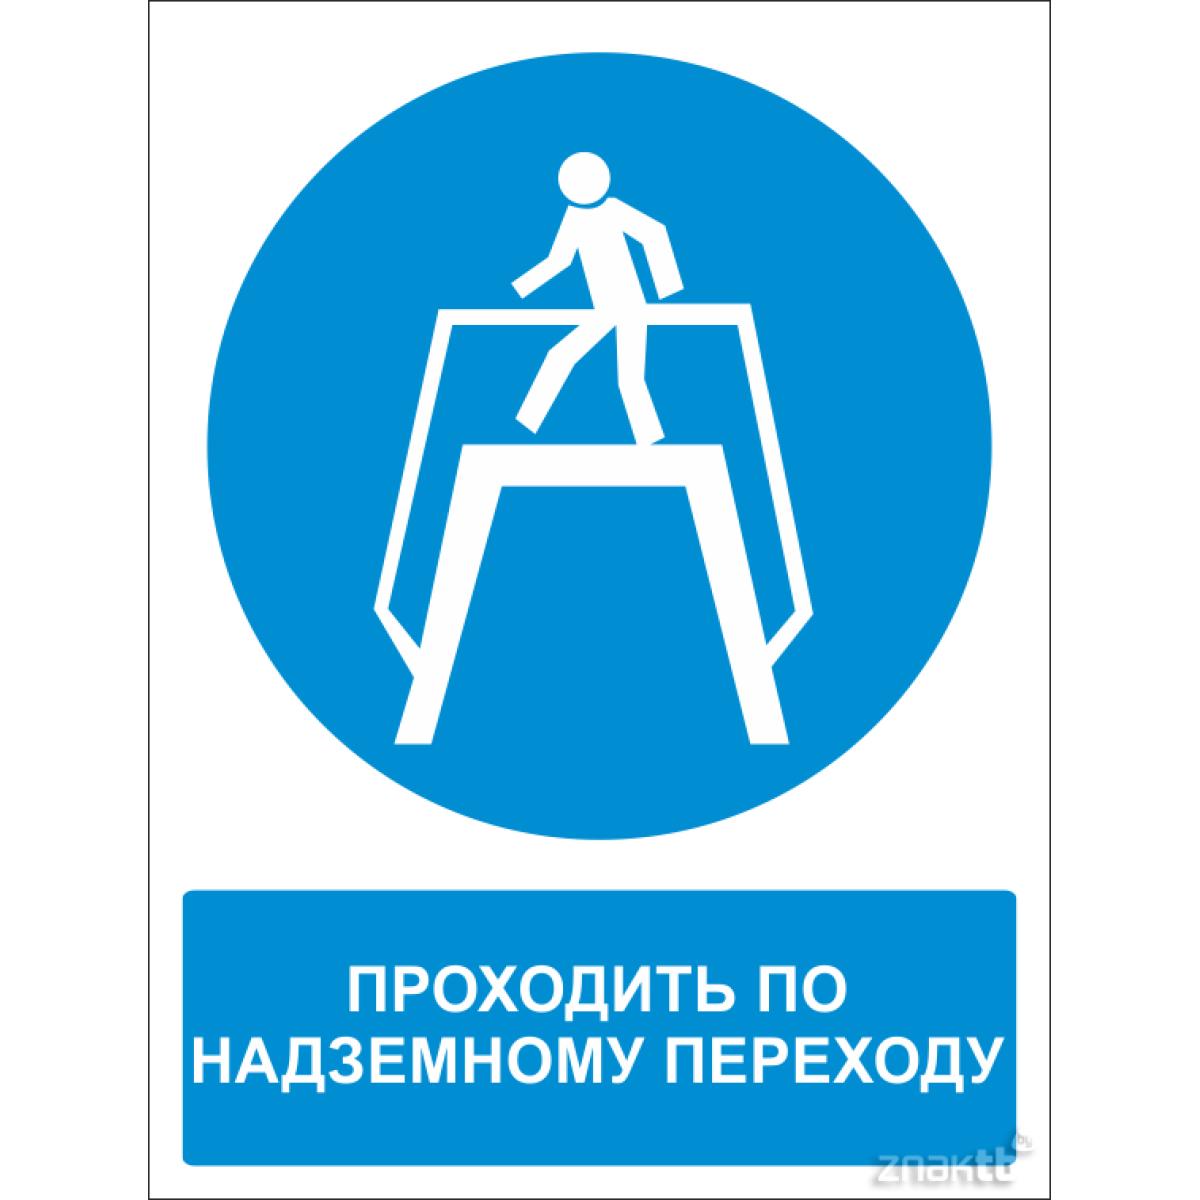 490 Знак Переход по надземному переходу (с поясняющей надписью)